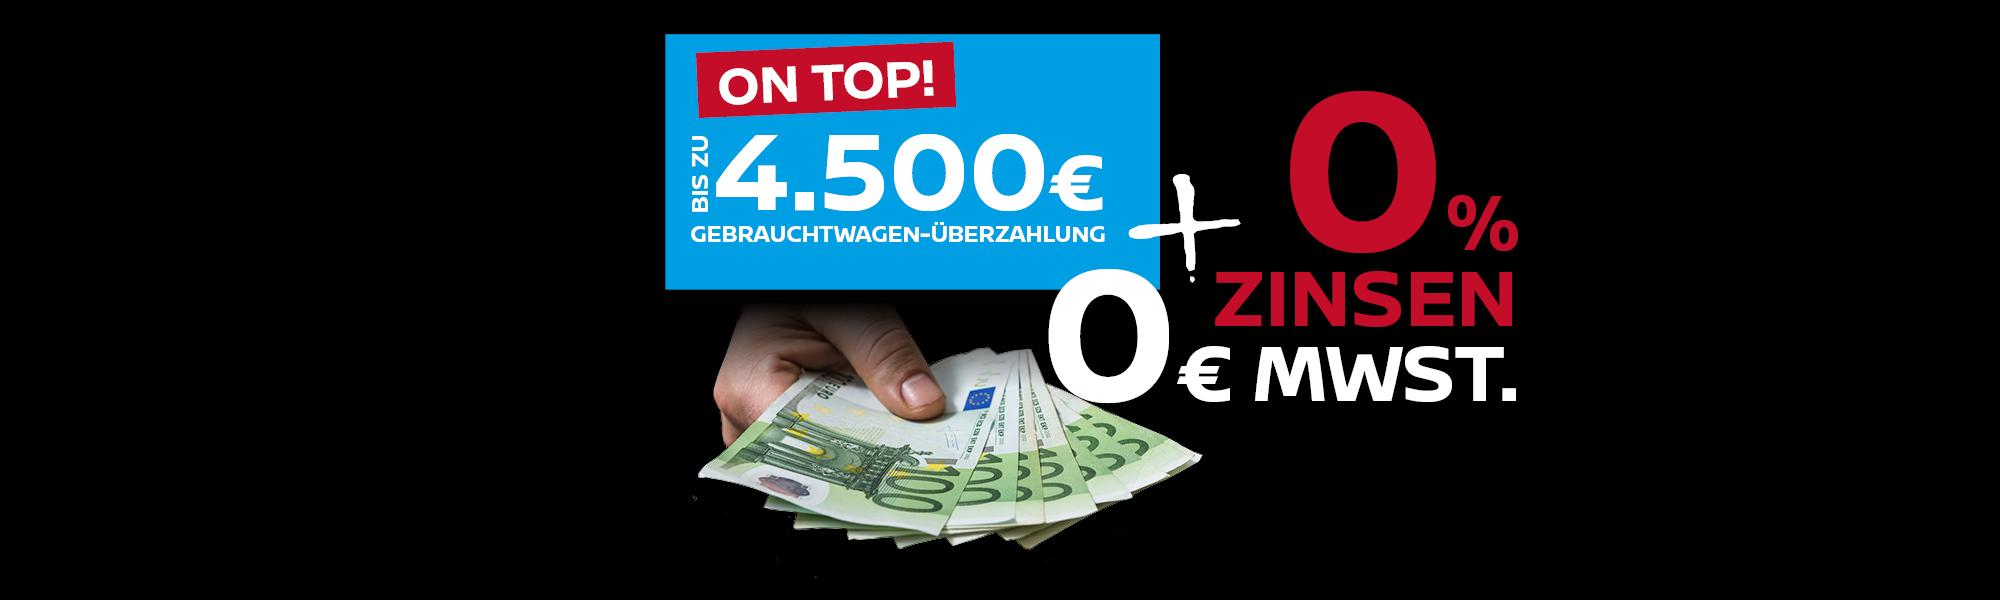 0% Finanzierung & 0€ Mwst – nur begrenzt gültig